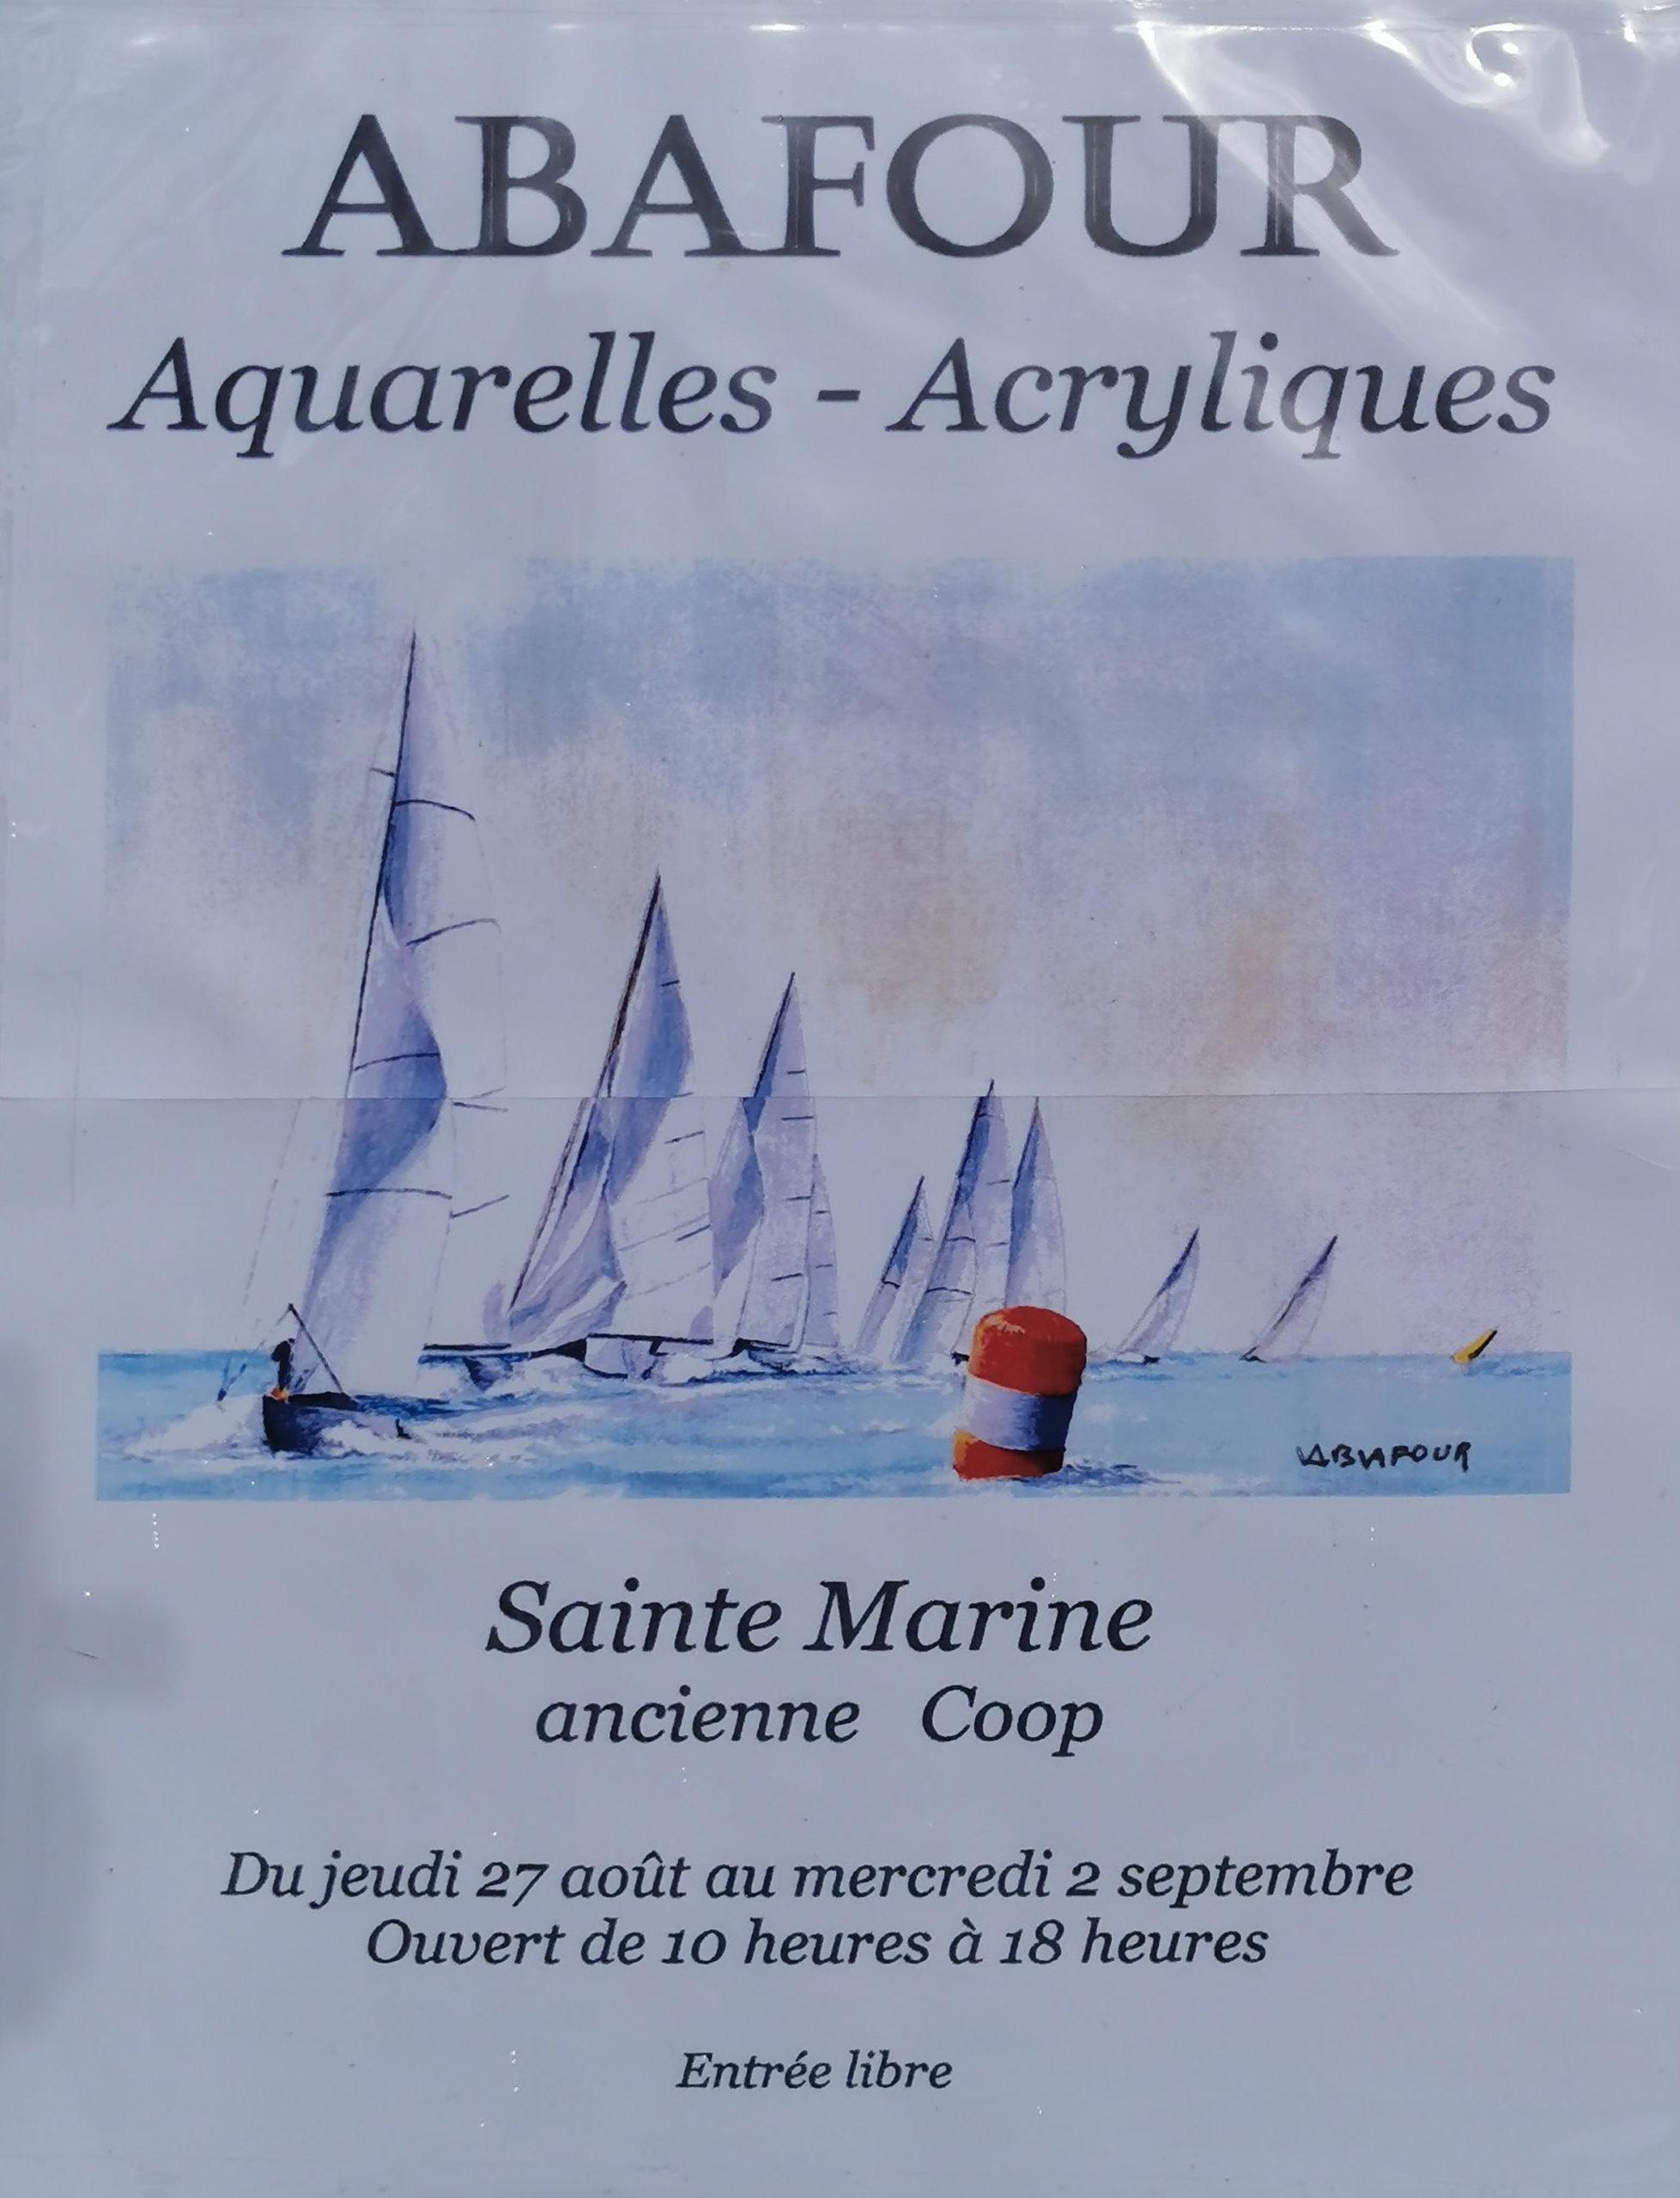 Exposition de Bernard Abafour